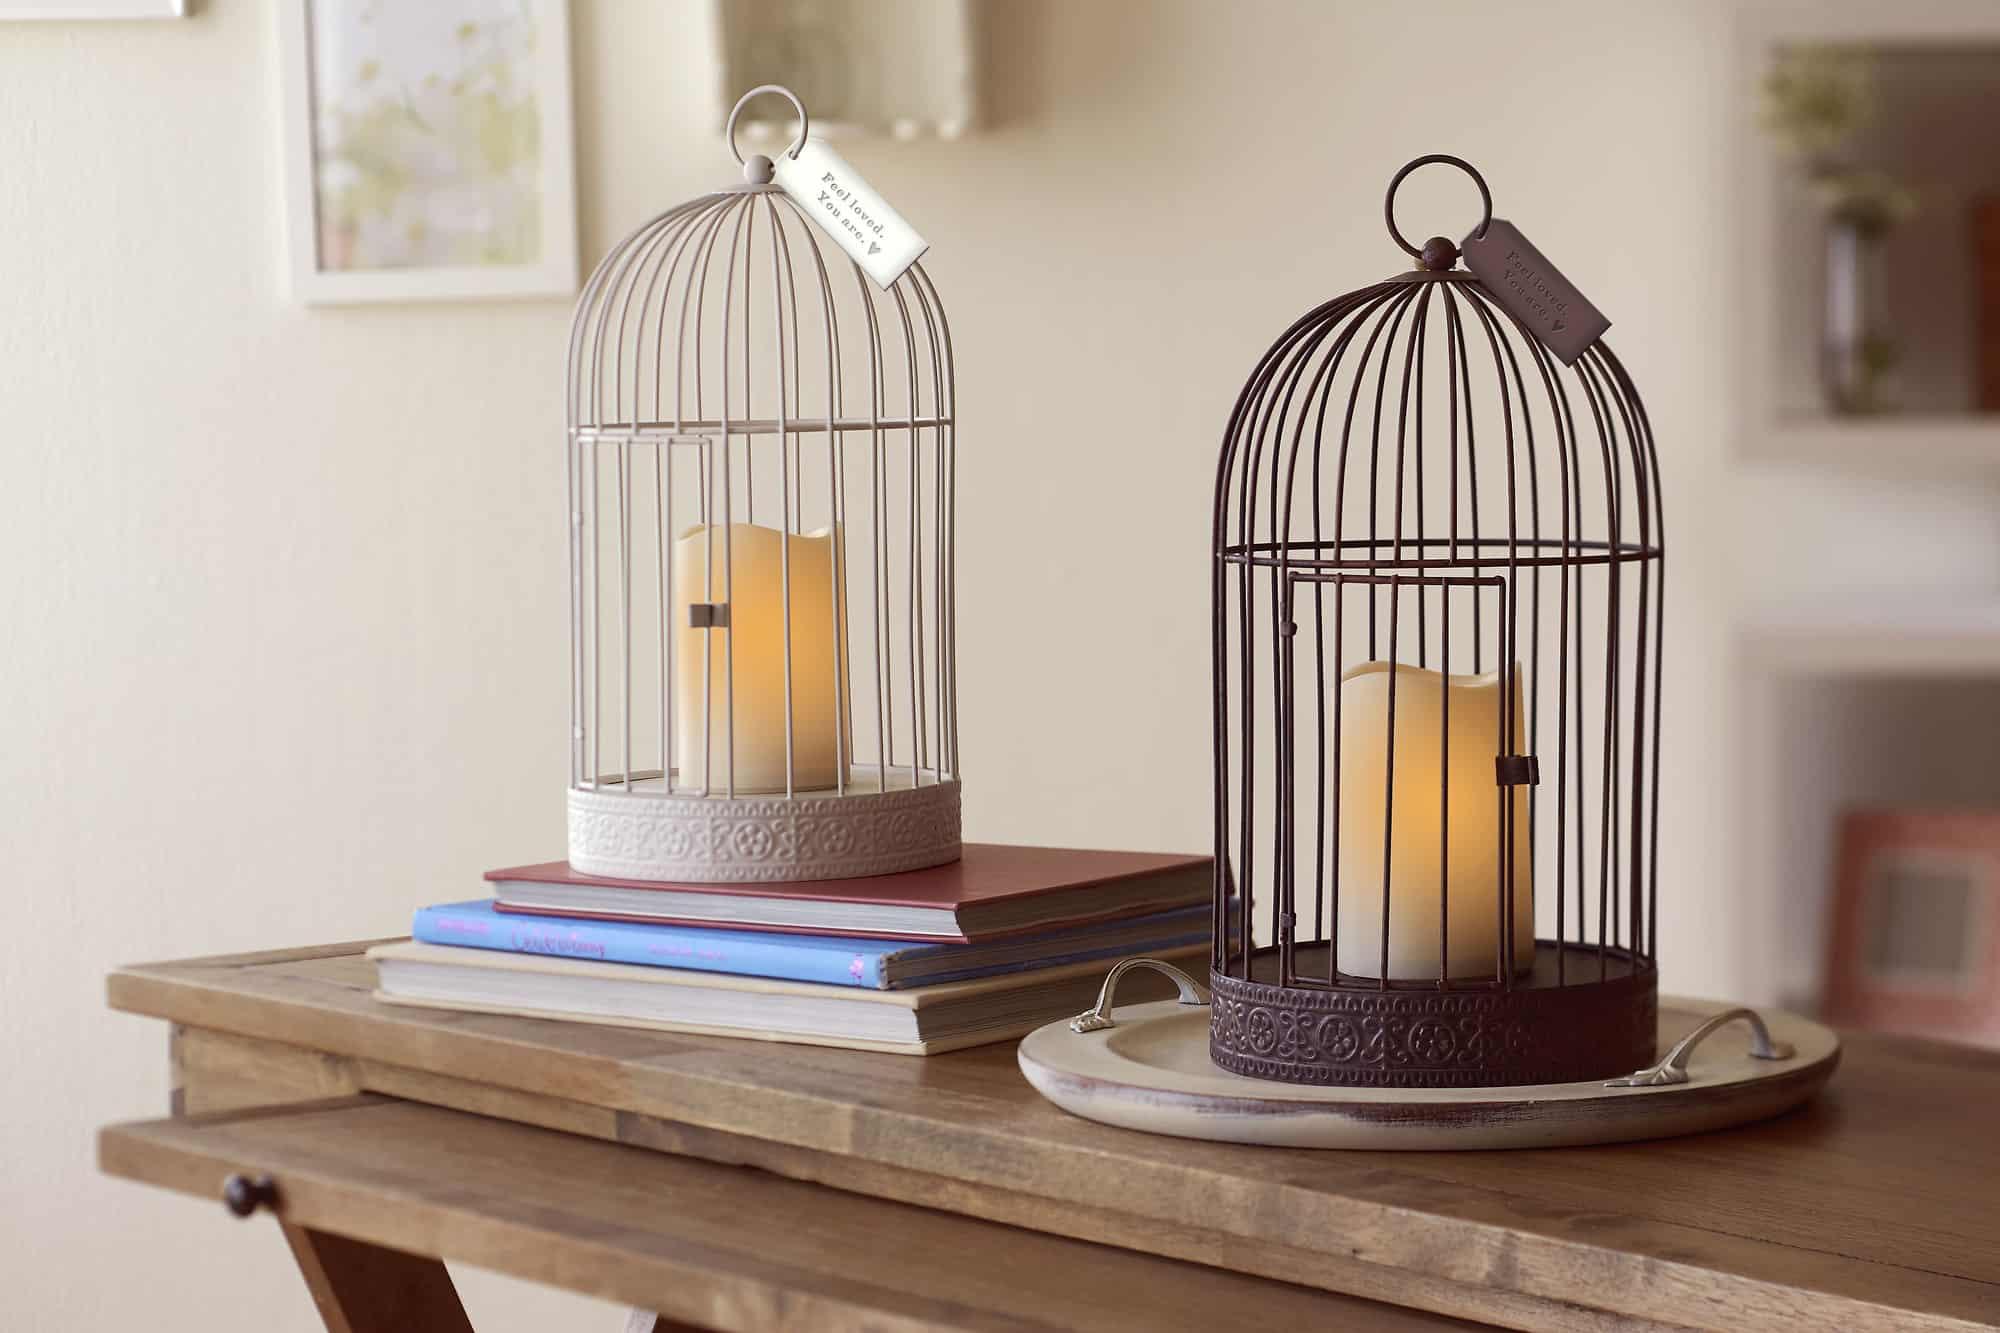 Birdcage Lantern - MSRP $24.95